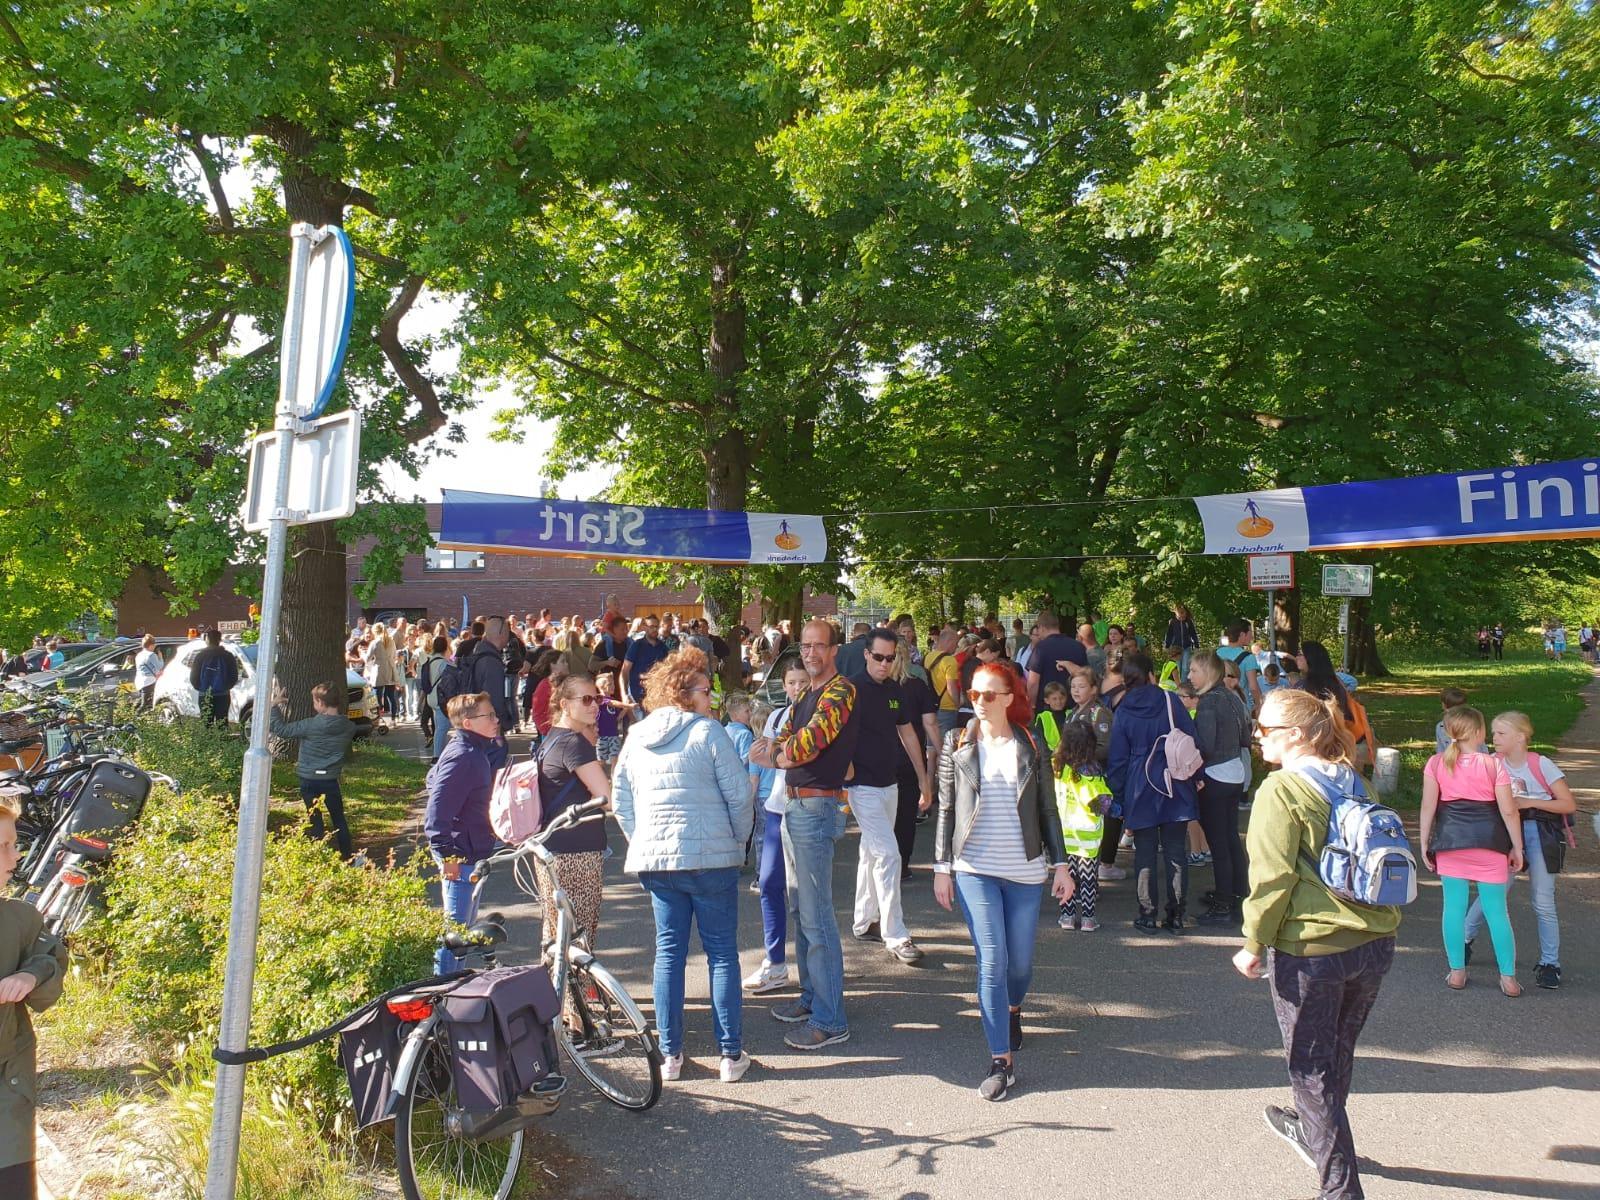 Vierdaagse IJmuiden start half uur eerder in verband met verwacht onweer